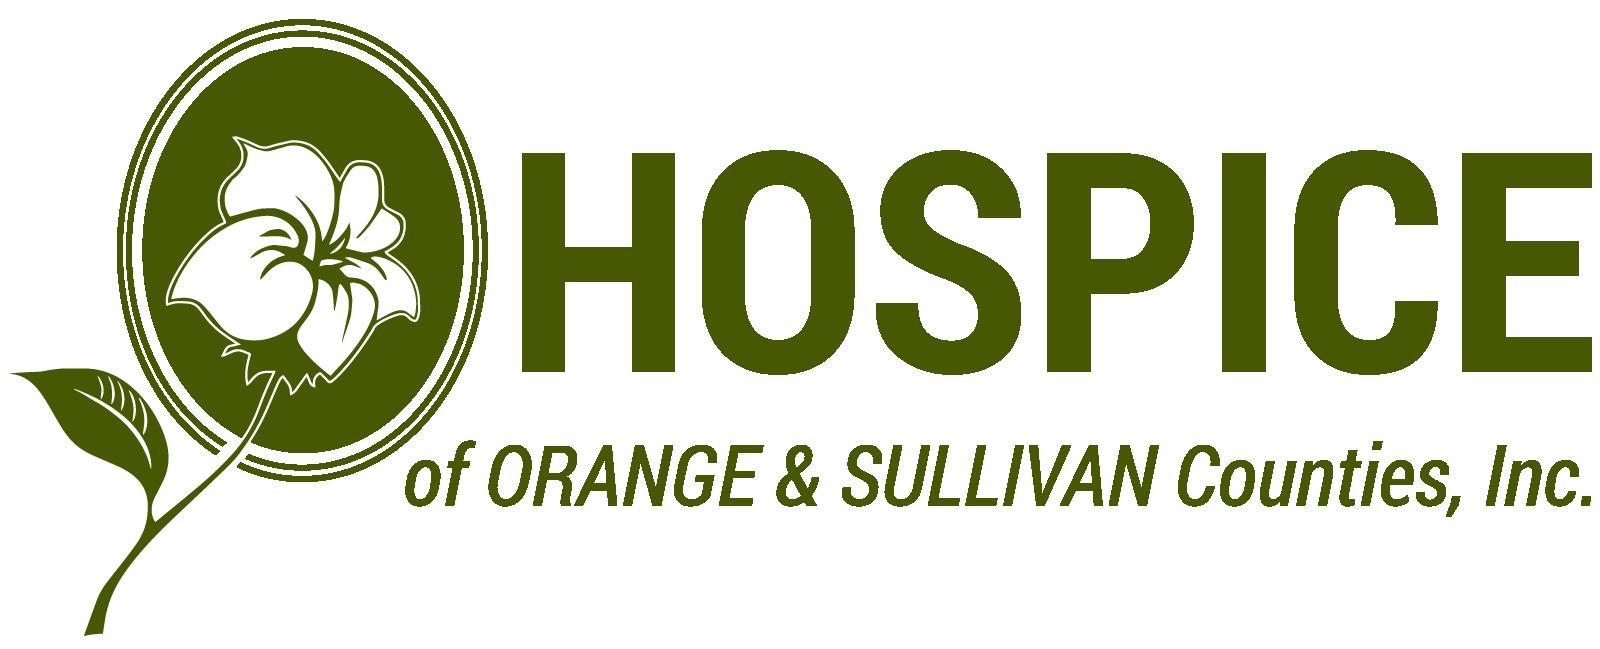 Hospice of Orange & Sullivan Counties, Inc.